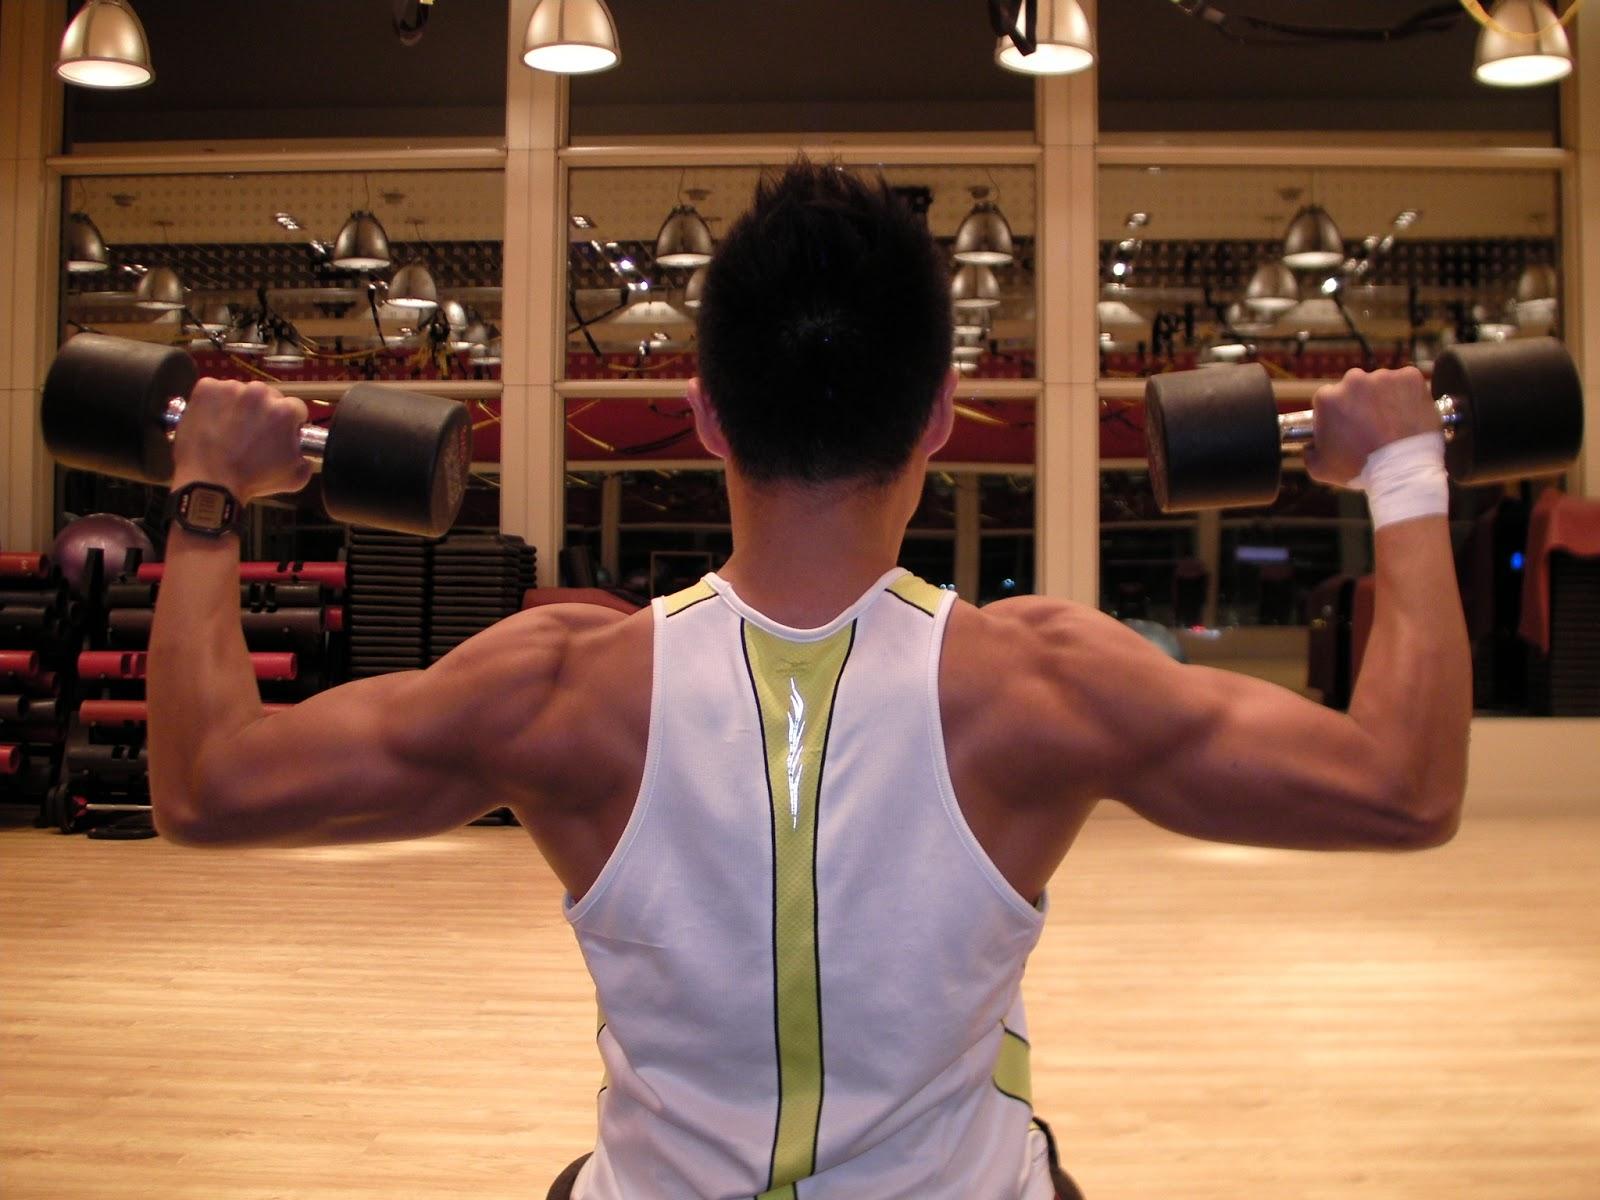 簡易運動博客 by: Fred Wong - personal trainer in Hong Kong: 文章分類 - 上身肌肉訓練 (30)